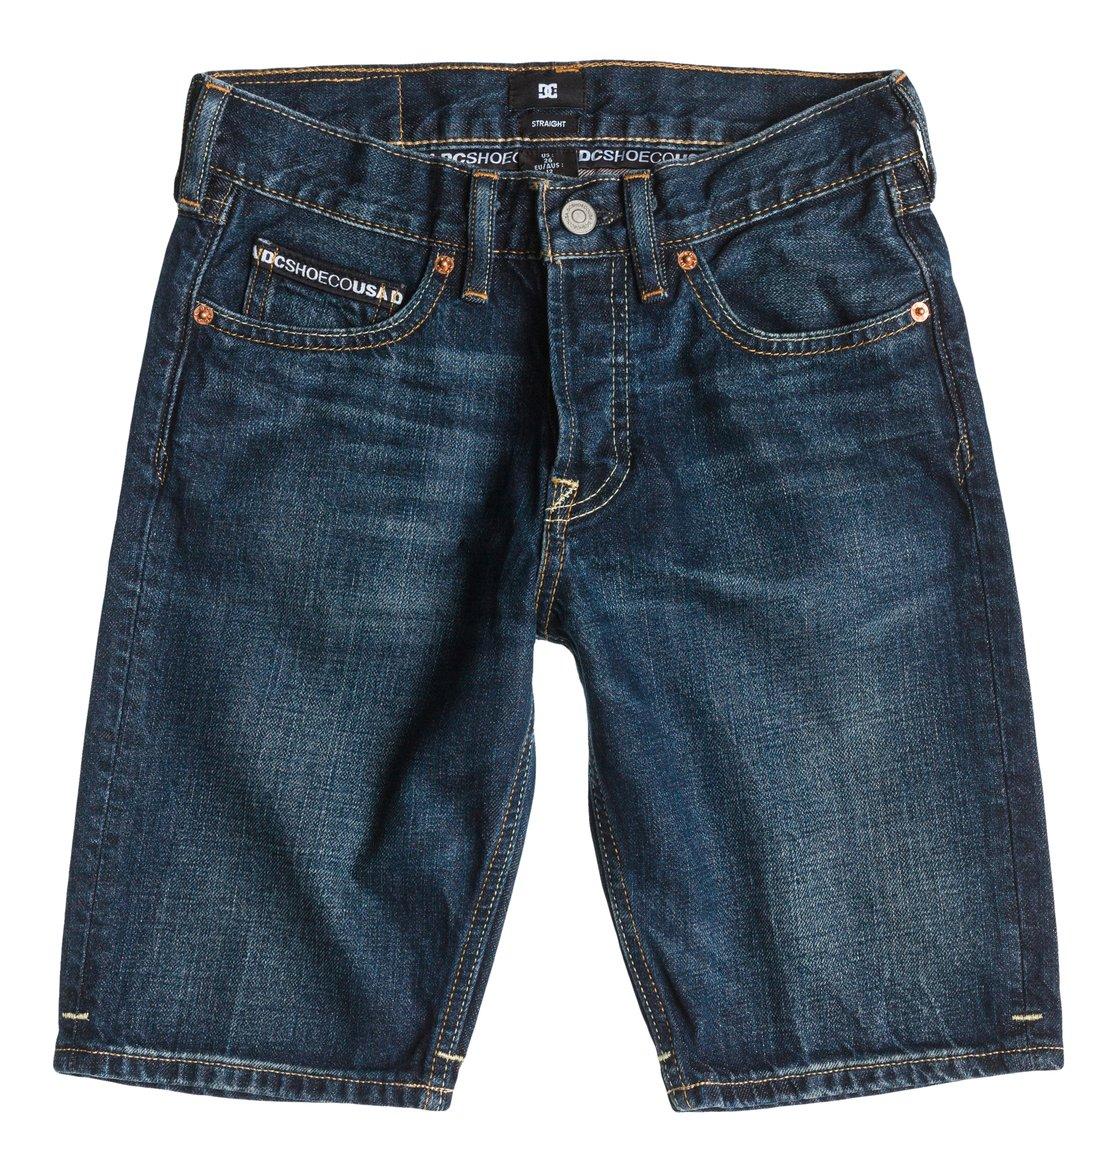 Здесь можно купить   Worker Straight Denim Shorts Light St Boy Шорты